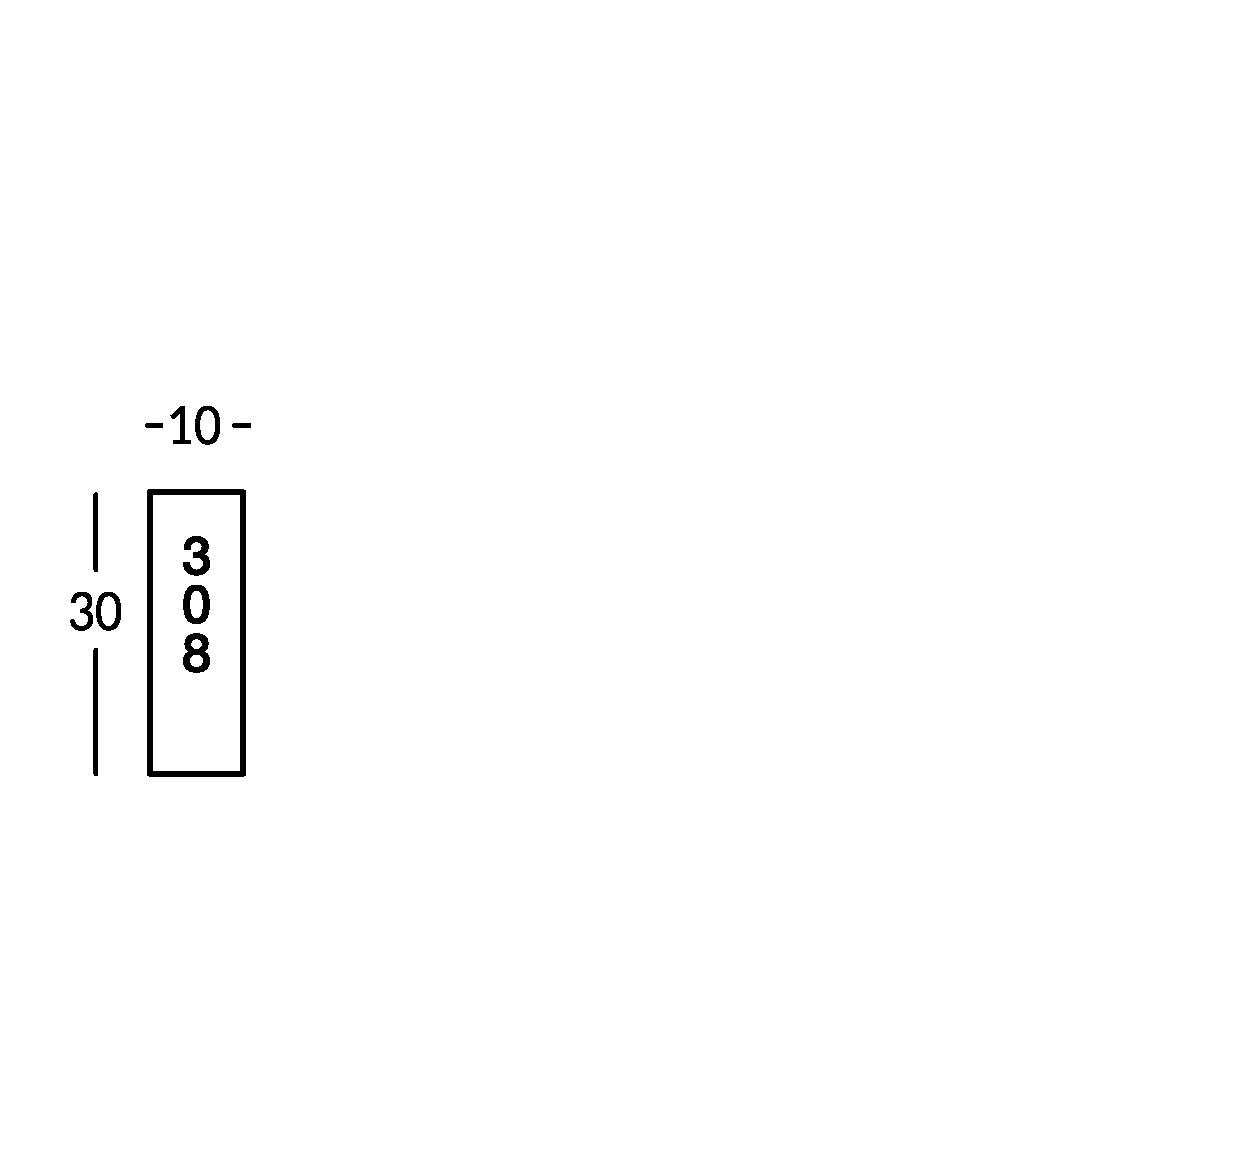 Ligne de signalétique en métal ou plexiglas avec caractères détourés, support en plexi blanc d'un épaisseur de 1,5 cm. Alimentation 12 volts stabilisée et en continue. Caractéristiques des transformateurs à fournir en fonction de la commande, non compris dans le prix de la signalétique.